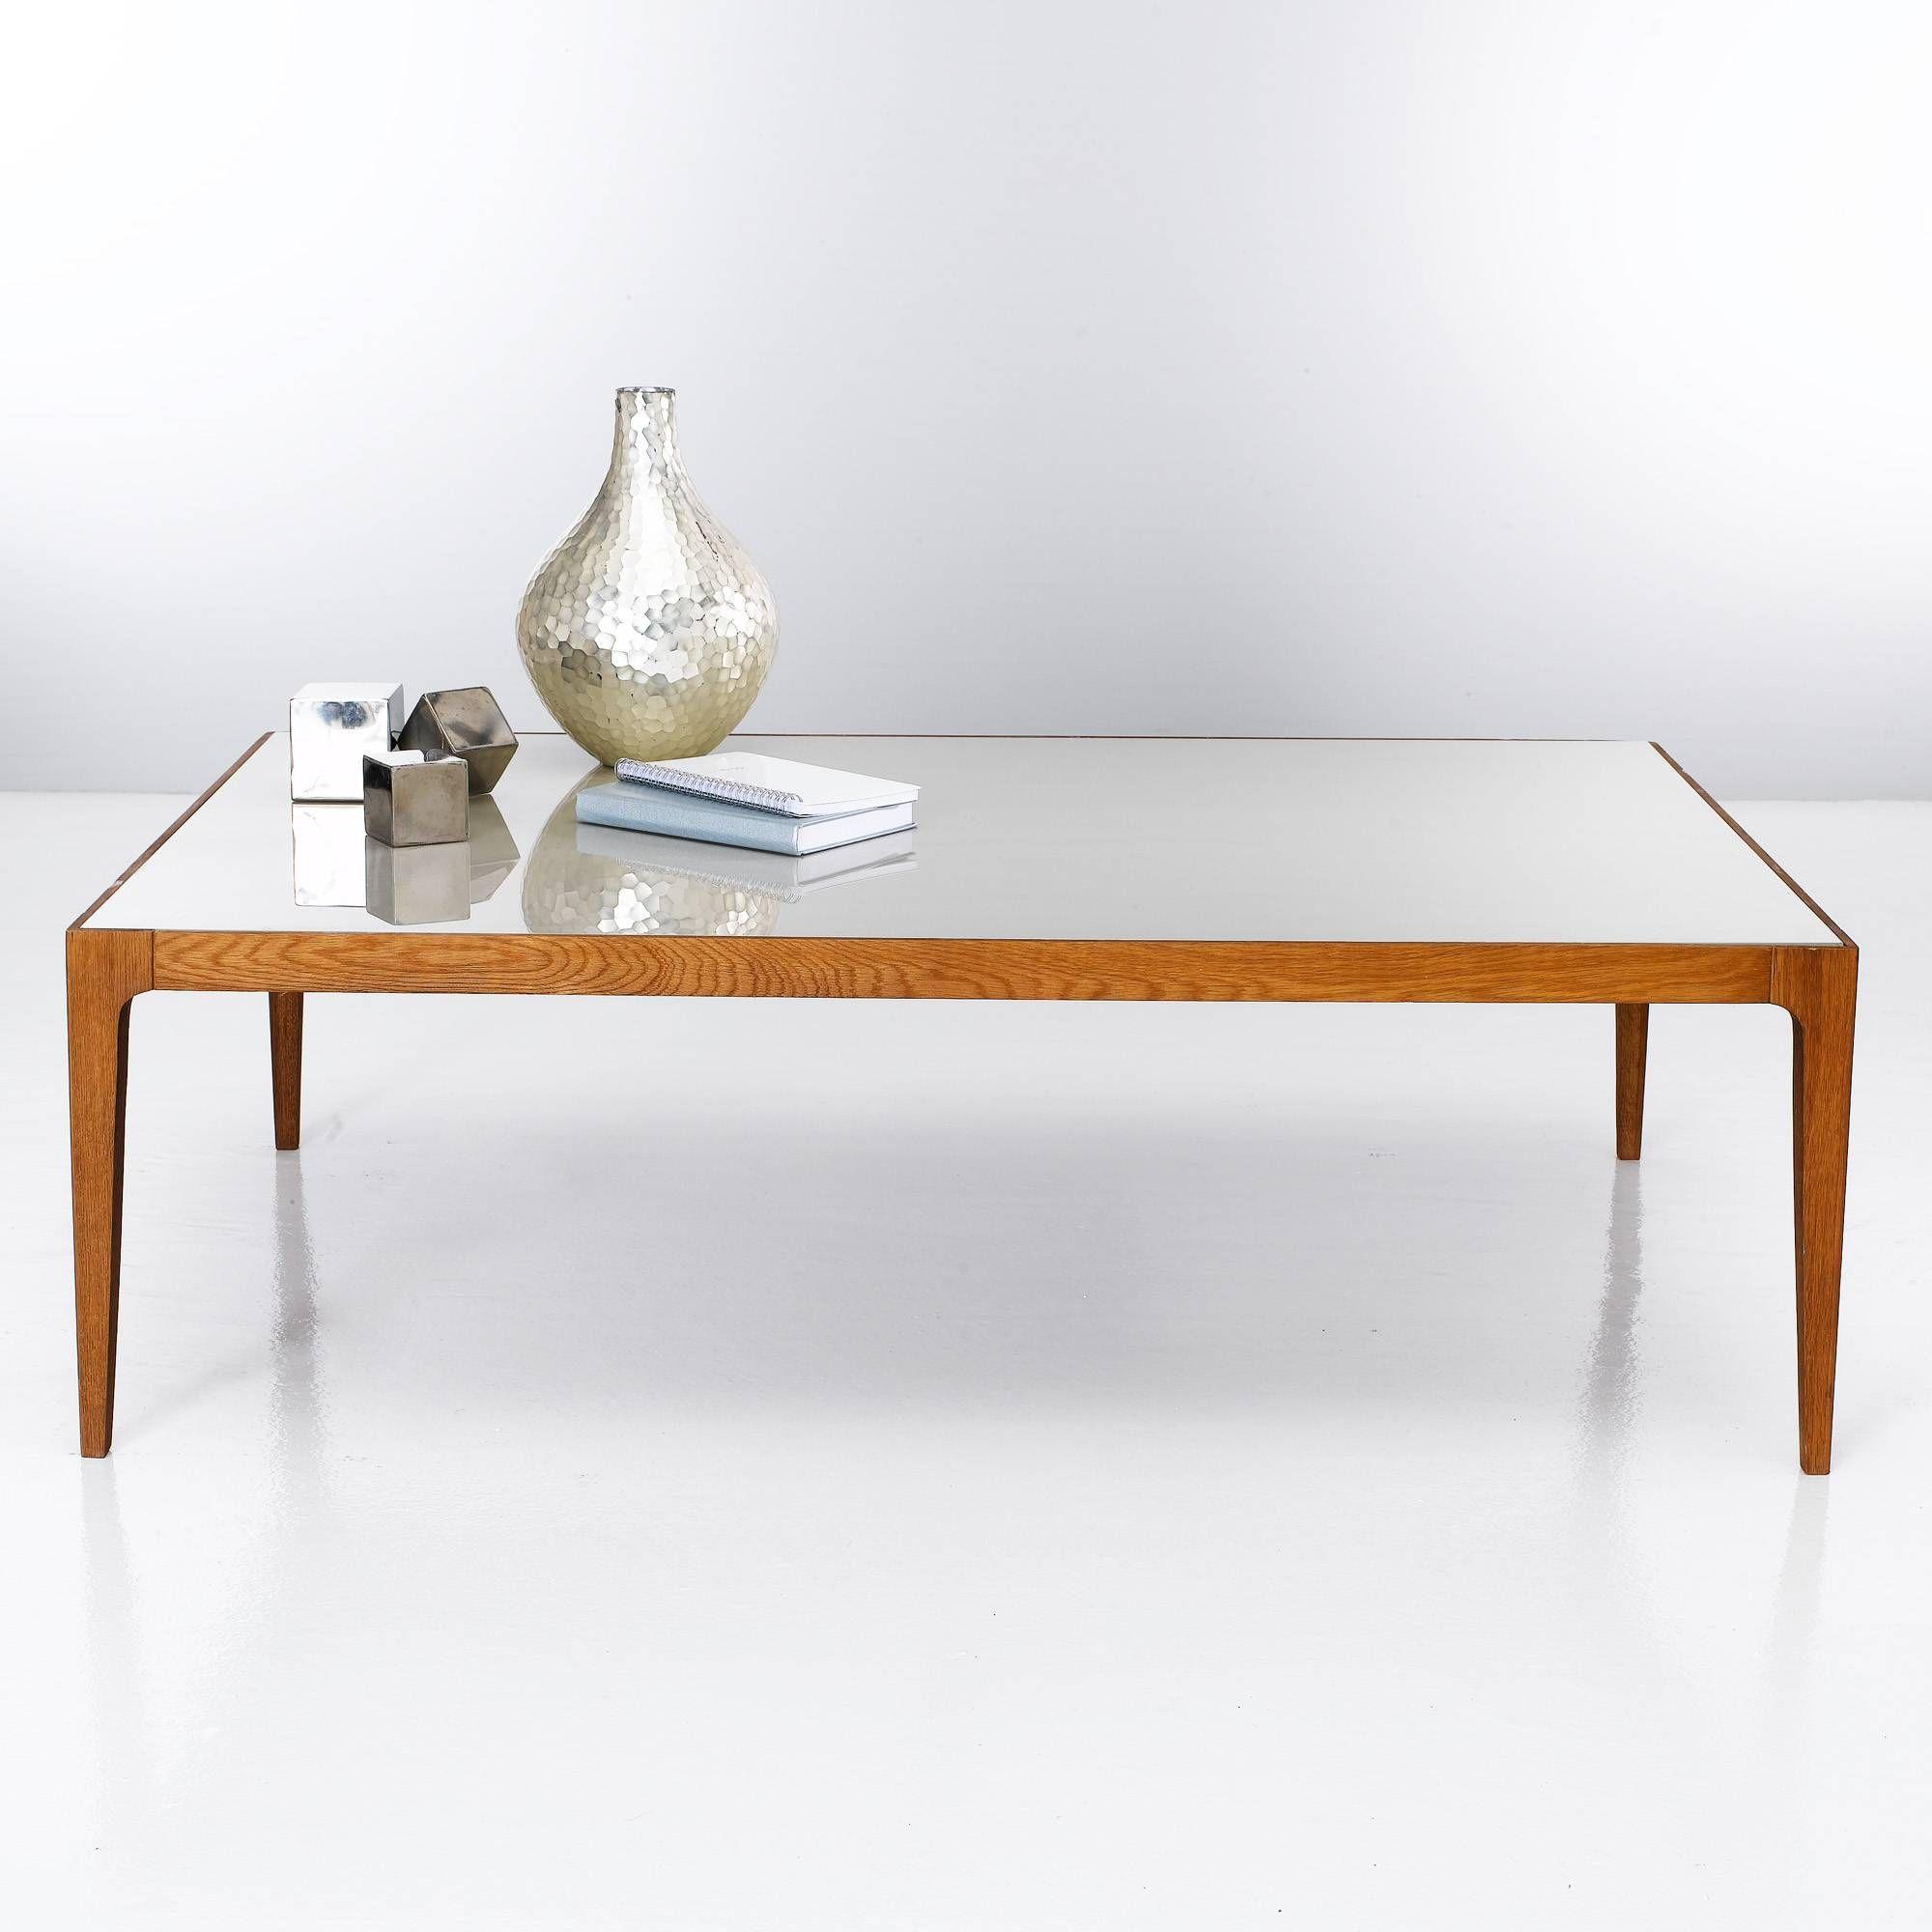 Table basse verre coloré RéTRO en 120x80cm 3 Suisses